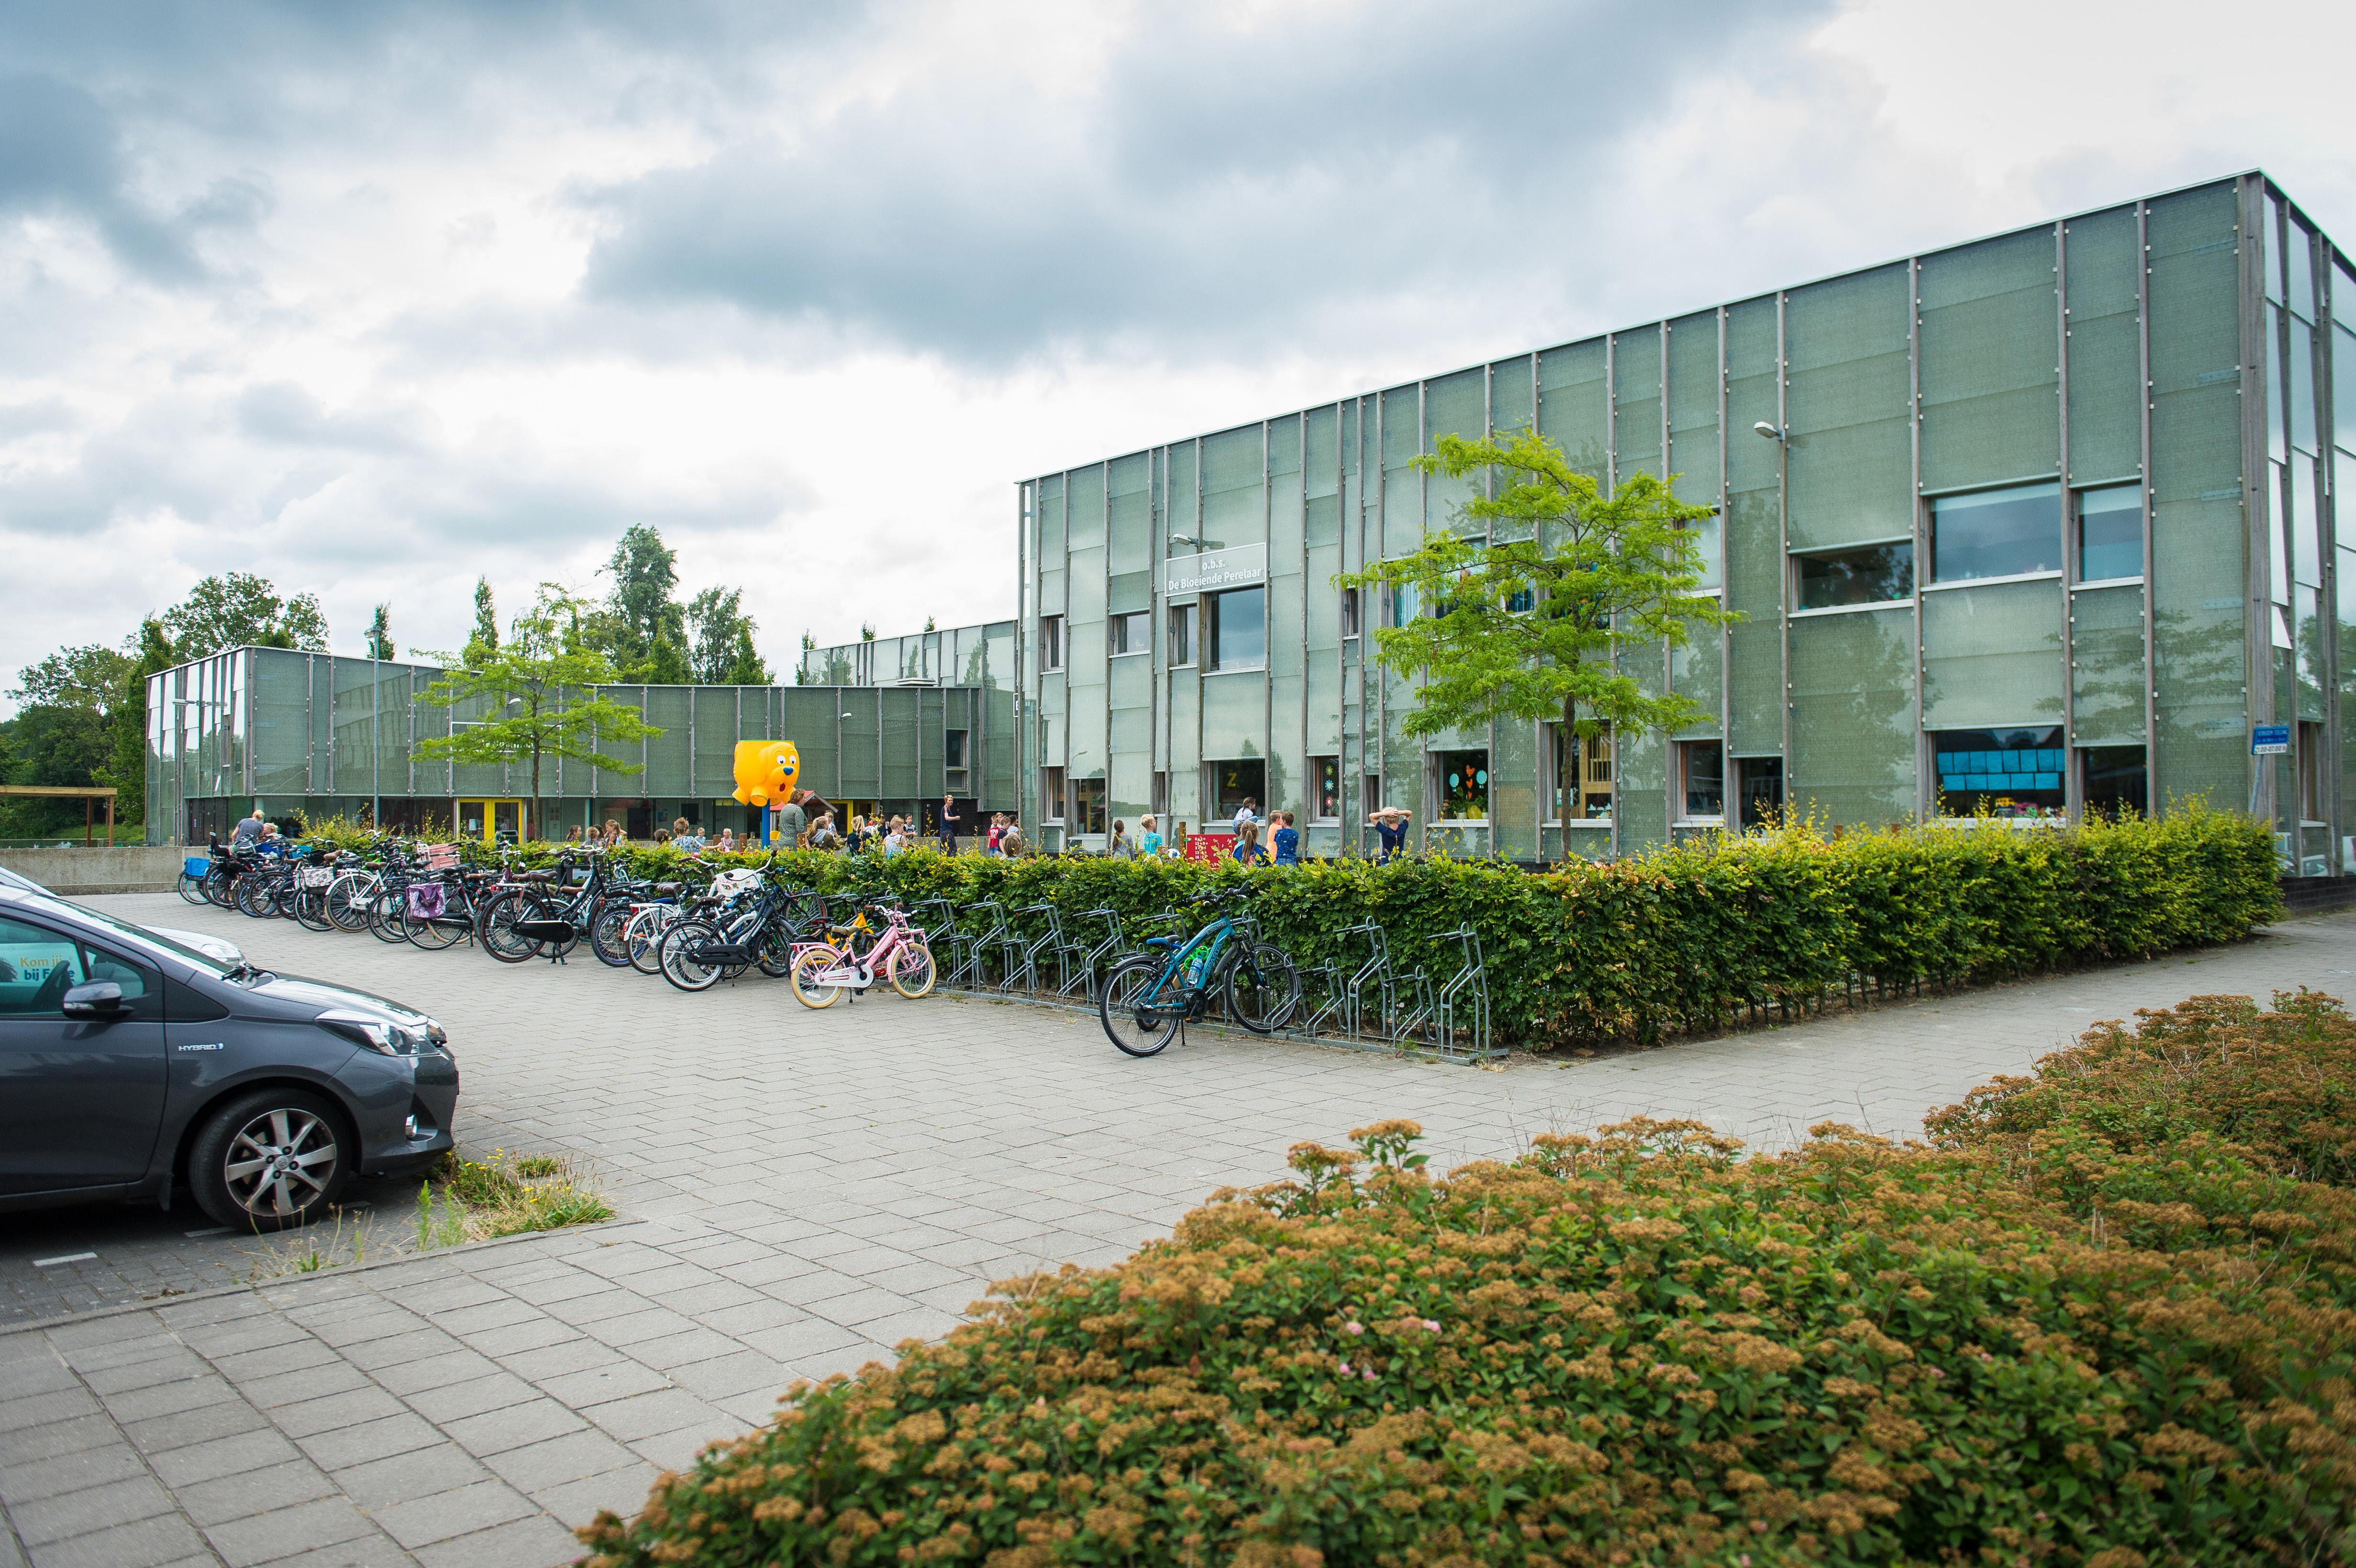 Dependance basisschool Zuidoostbeemster op het schoolplein als het aan de wethouder ligt, schoolbestuur is fel tegen: 'Vrije beweegruimte van leerlingen wordt weggenomen'